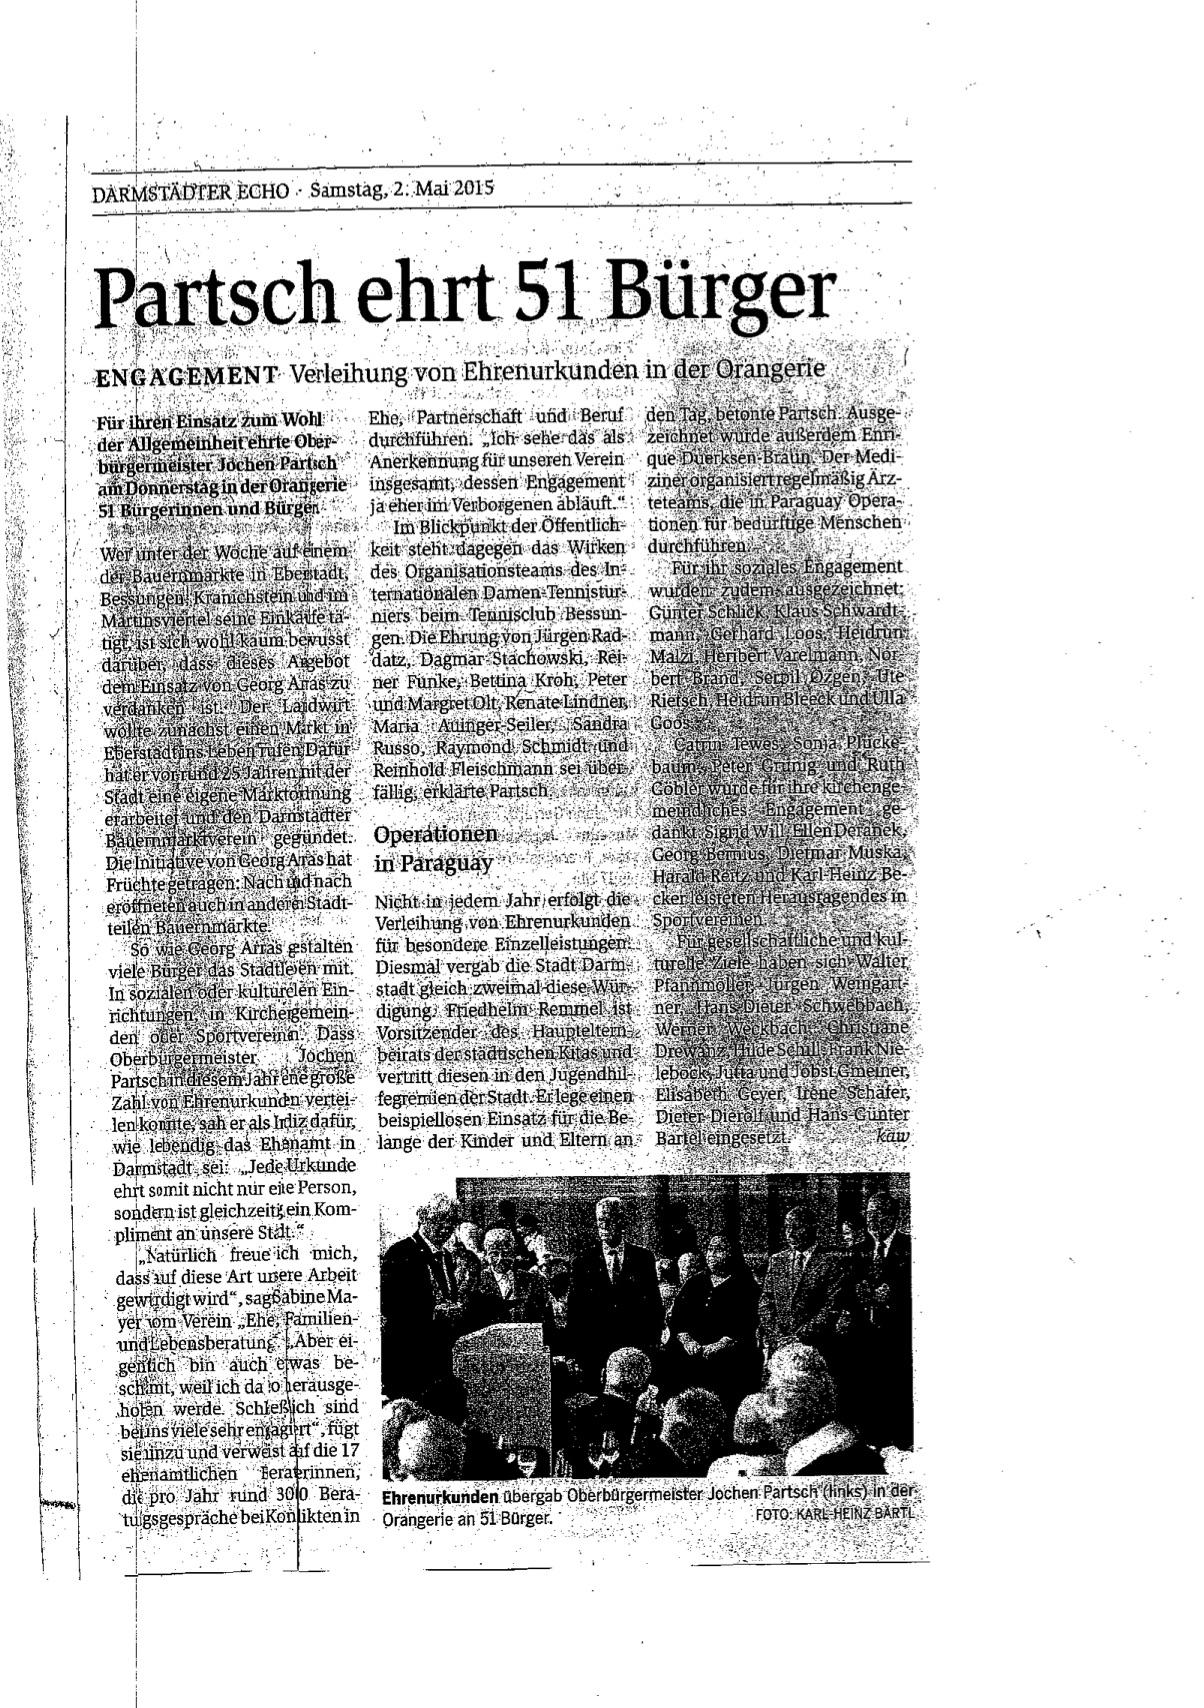 Zeitungsartikel Darmstädter Echo 02.05.2015